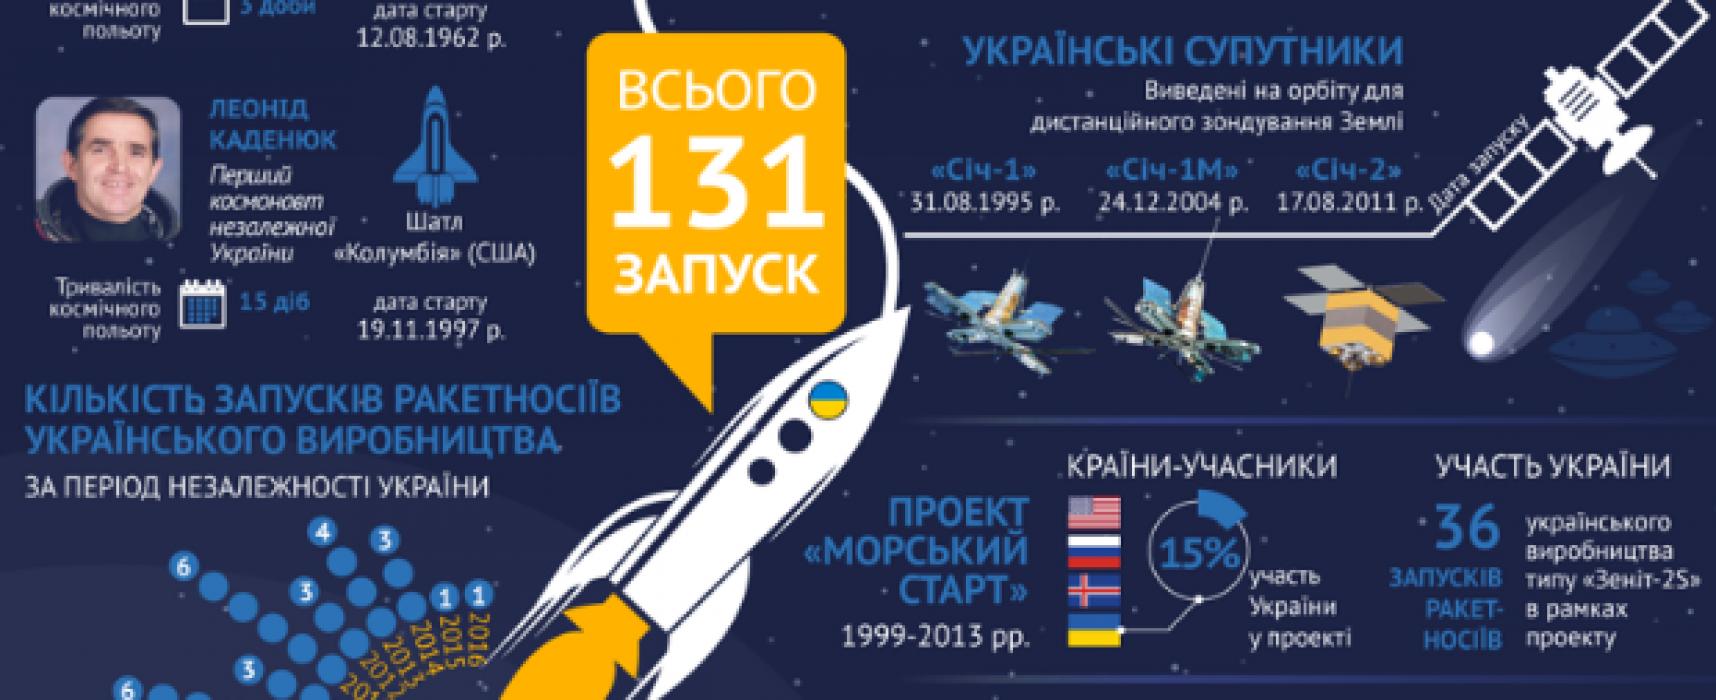 """Фейк: Высокой науке и технологиям в Украине """"пришел конец"""""""